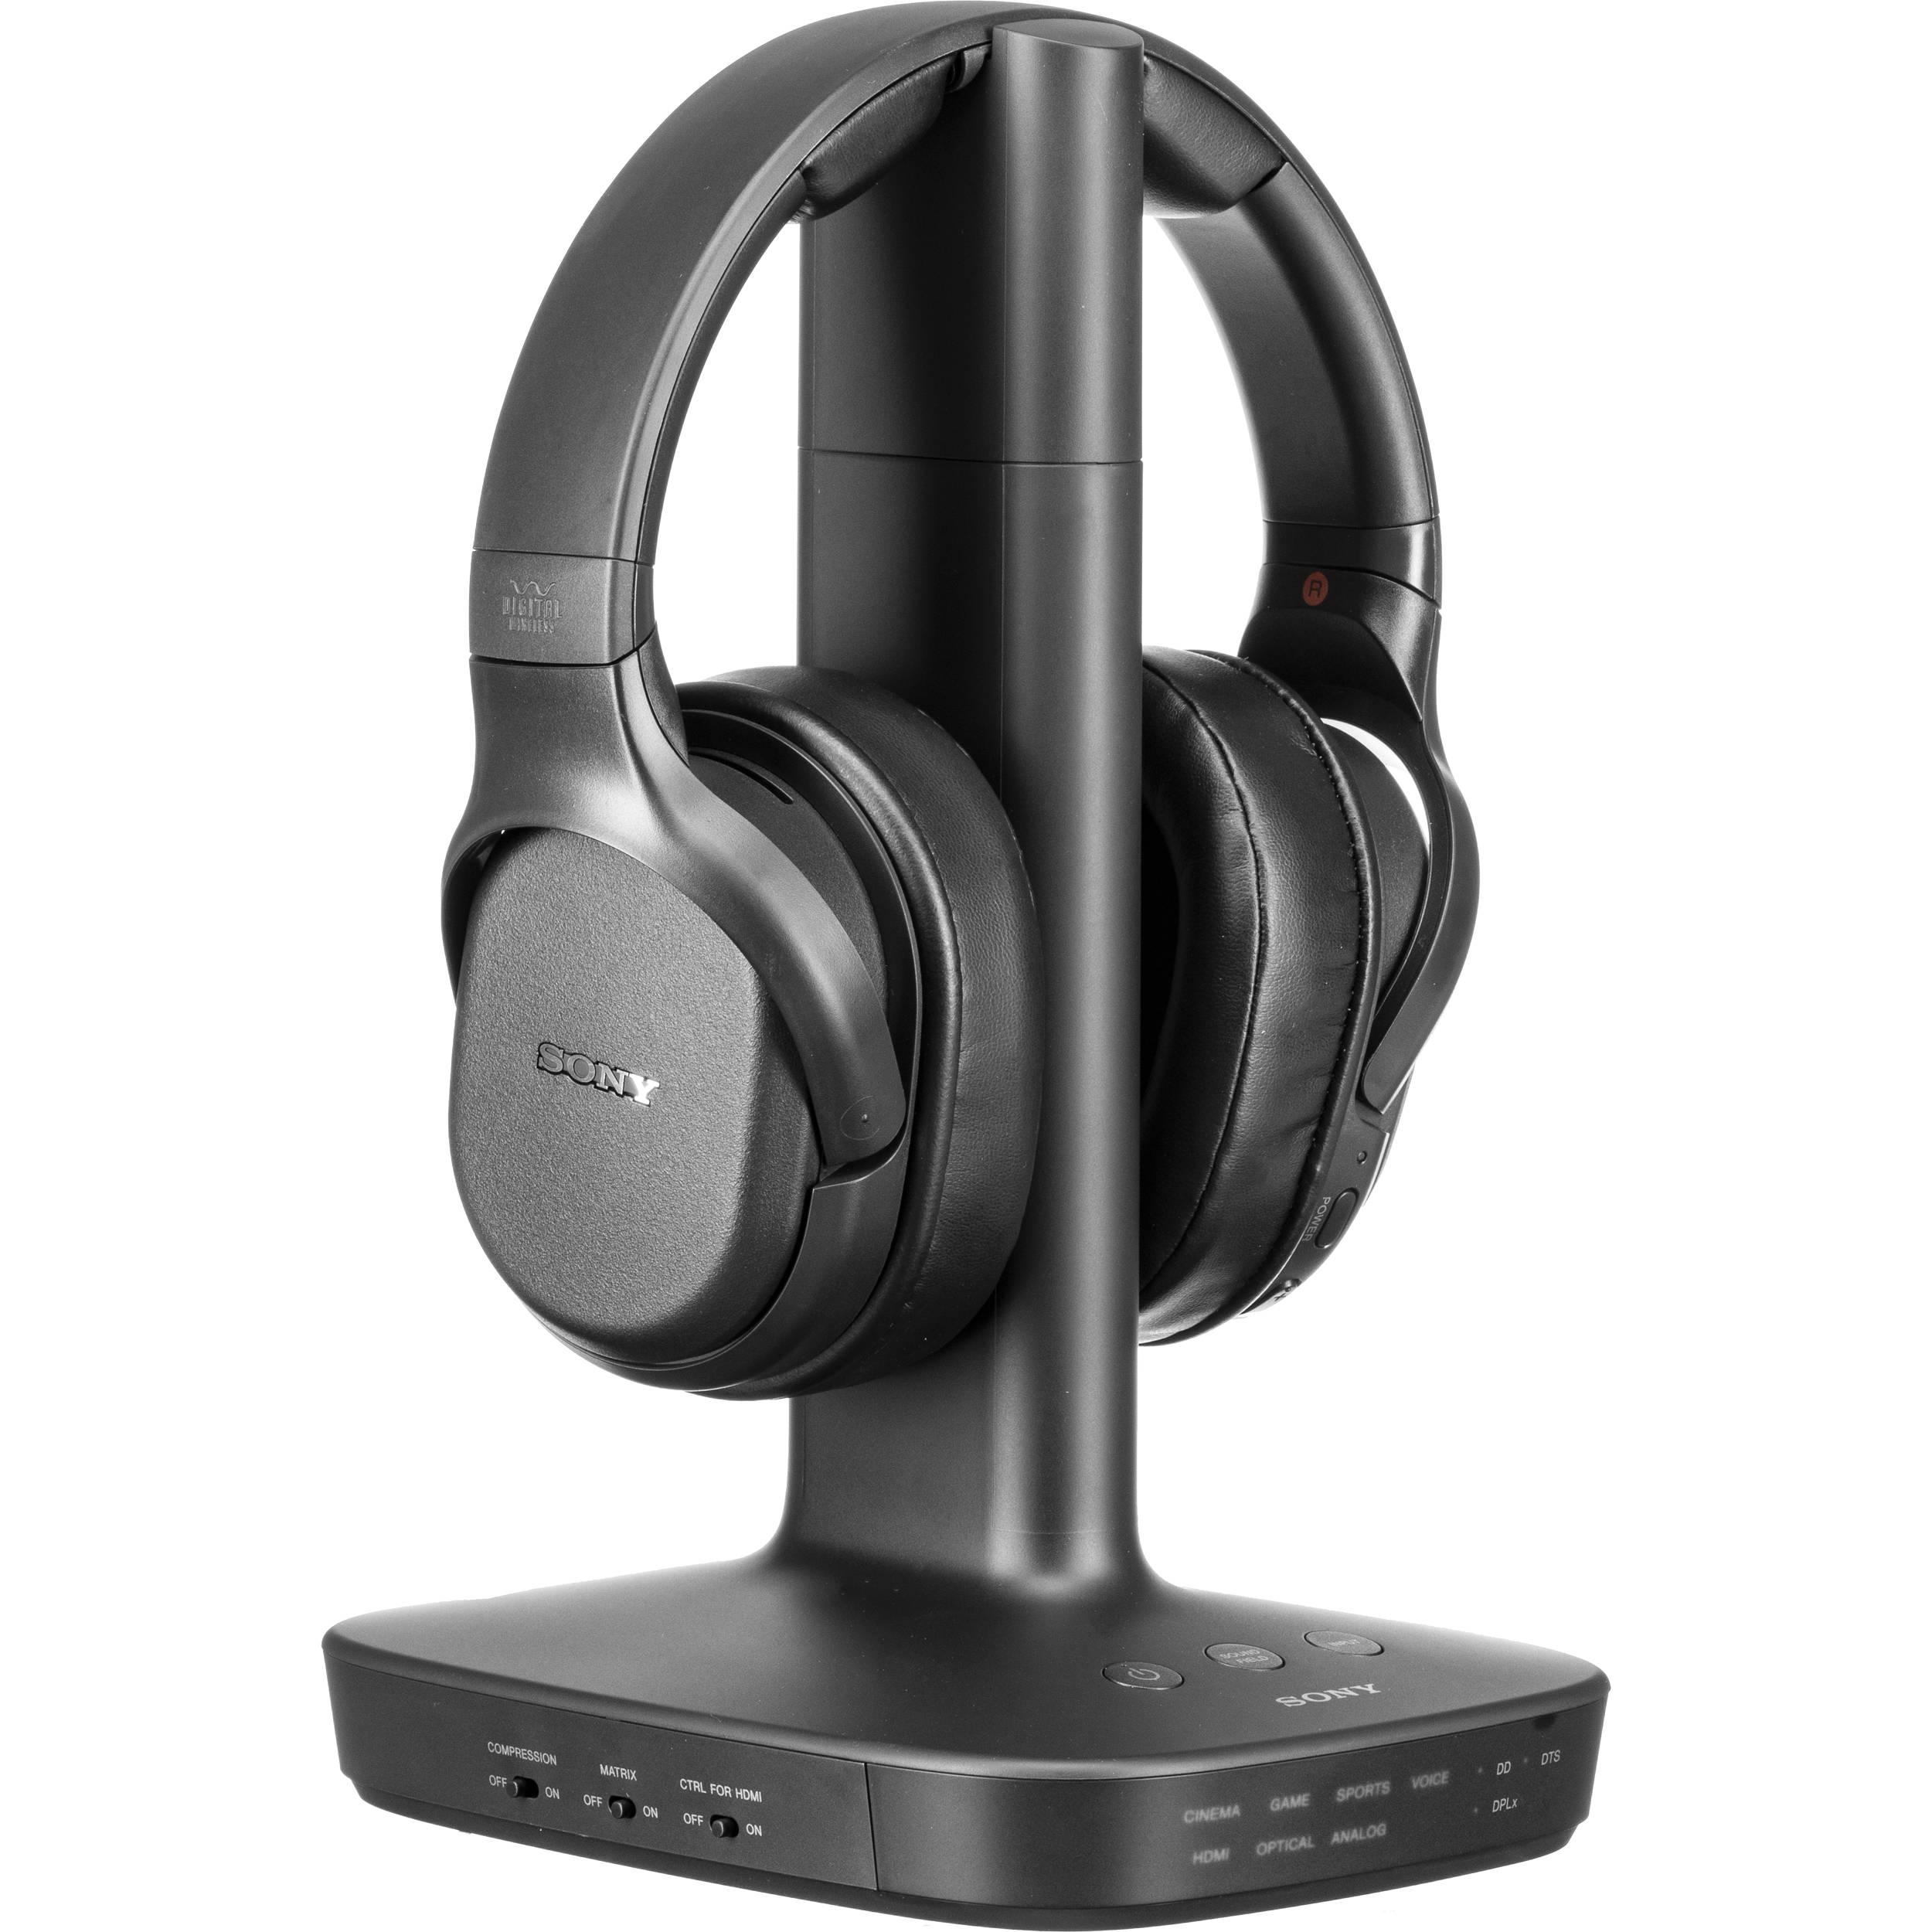 cb9743c31af Sony WH-L600 Digital Surround Wireless Over-Ear WHL600/B B&H